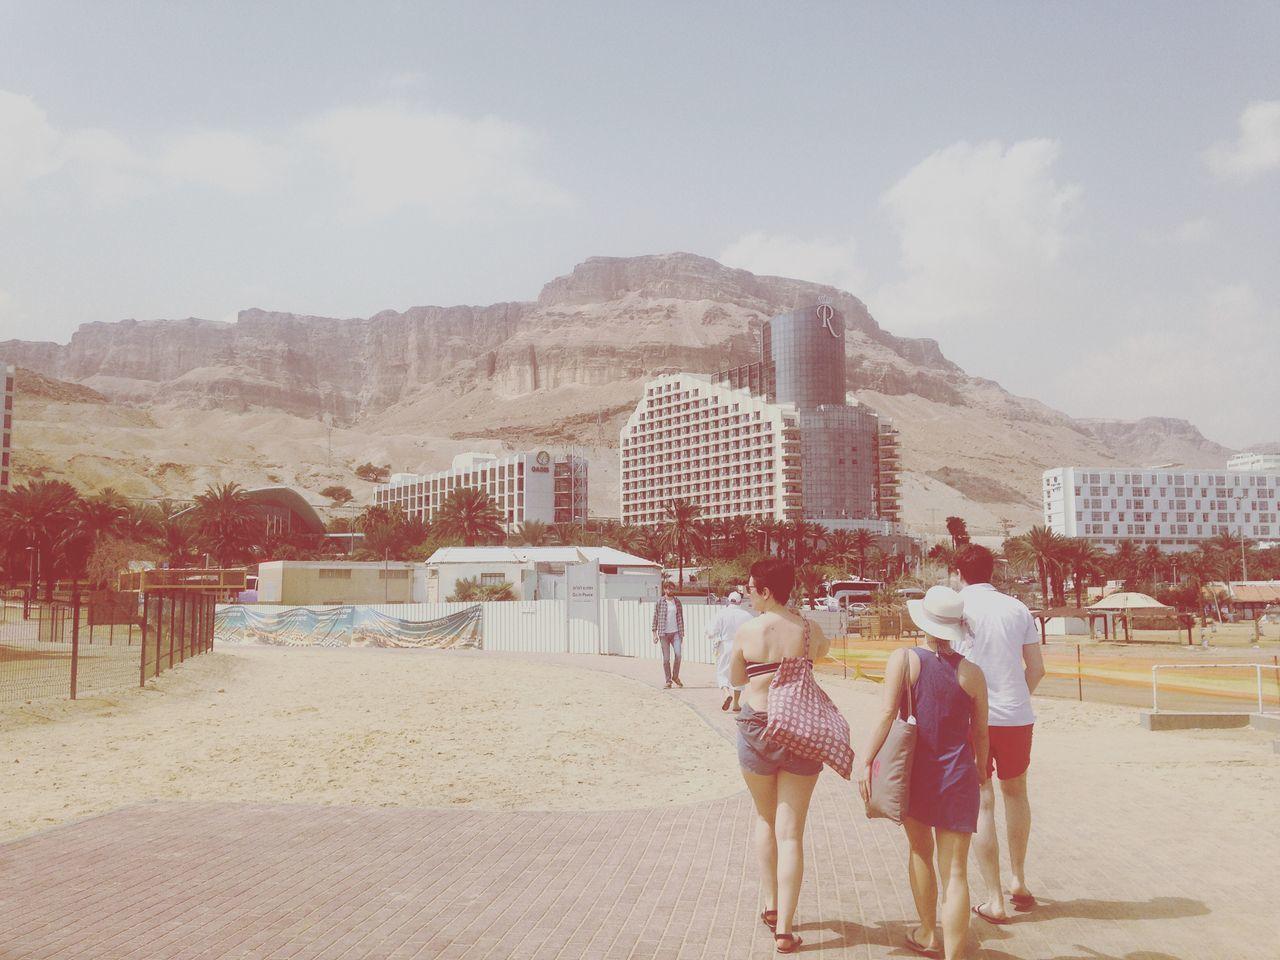 Deadsea Deadsea_israel Israel Skyline